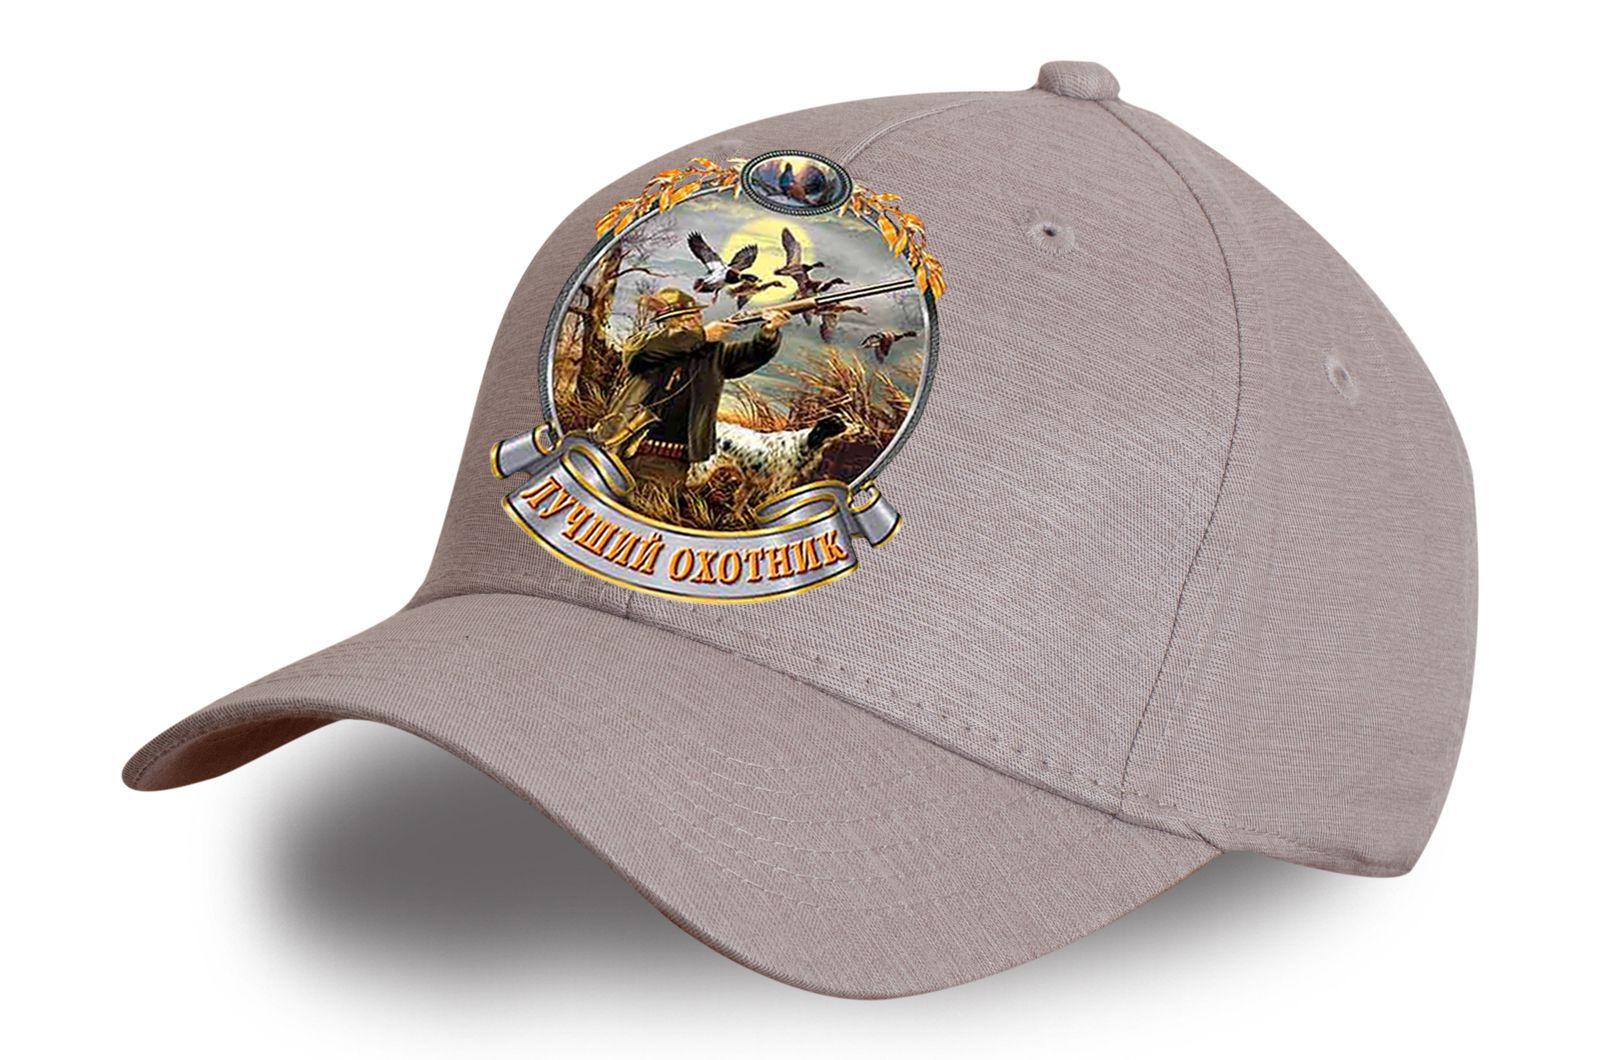 Удобная кепка для охоты - купить по лучшей цене